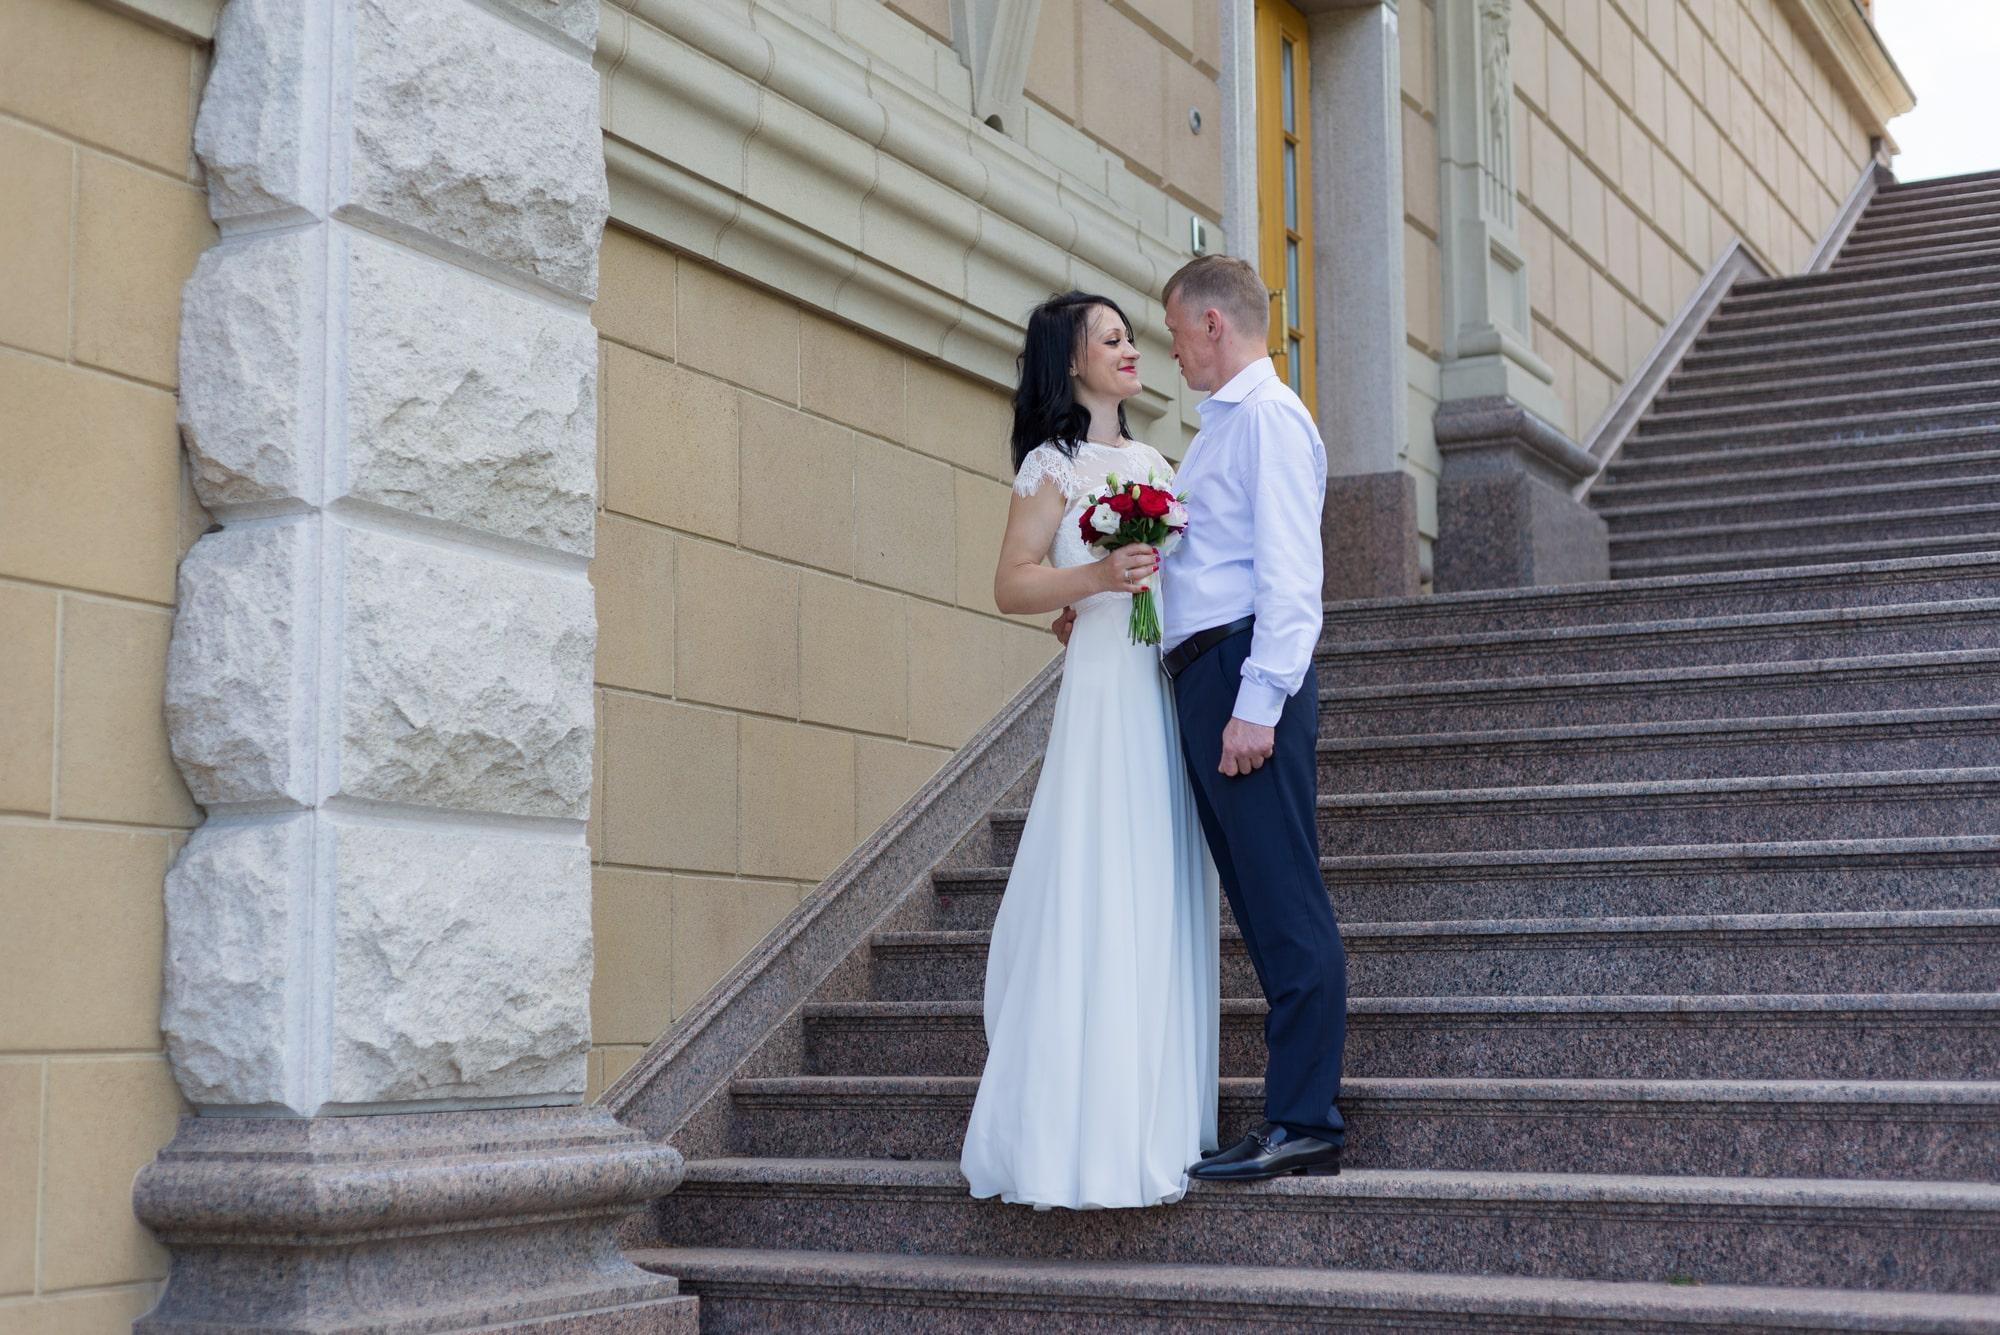 Свадебная фотосъемка в августе - молодожены на ступеньках